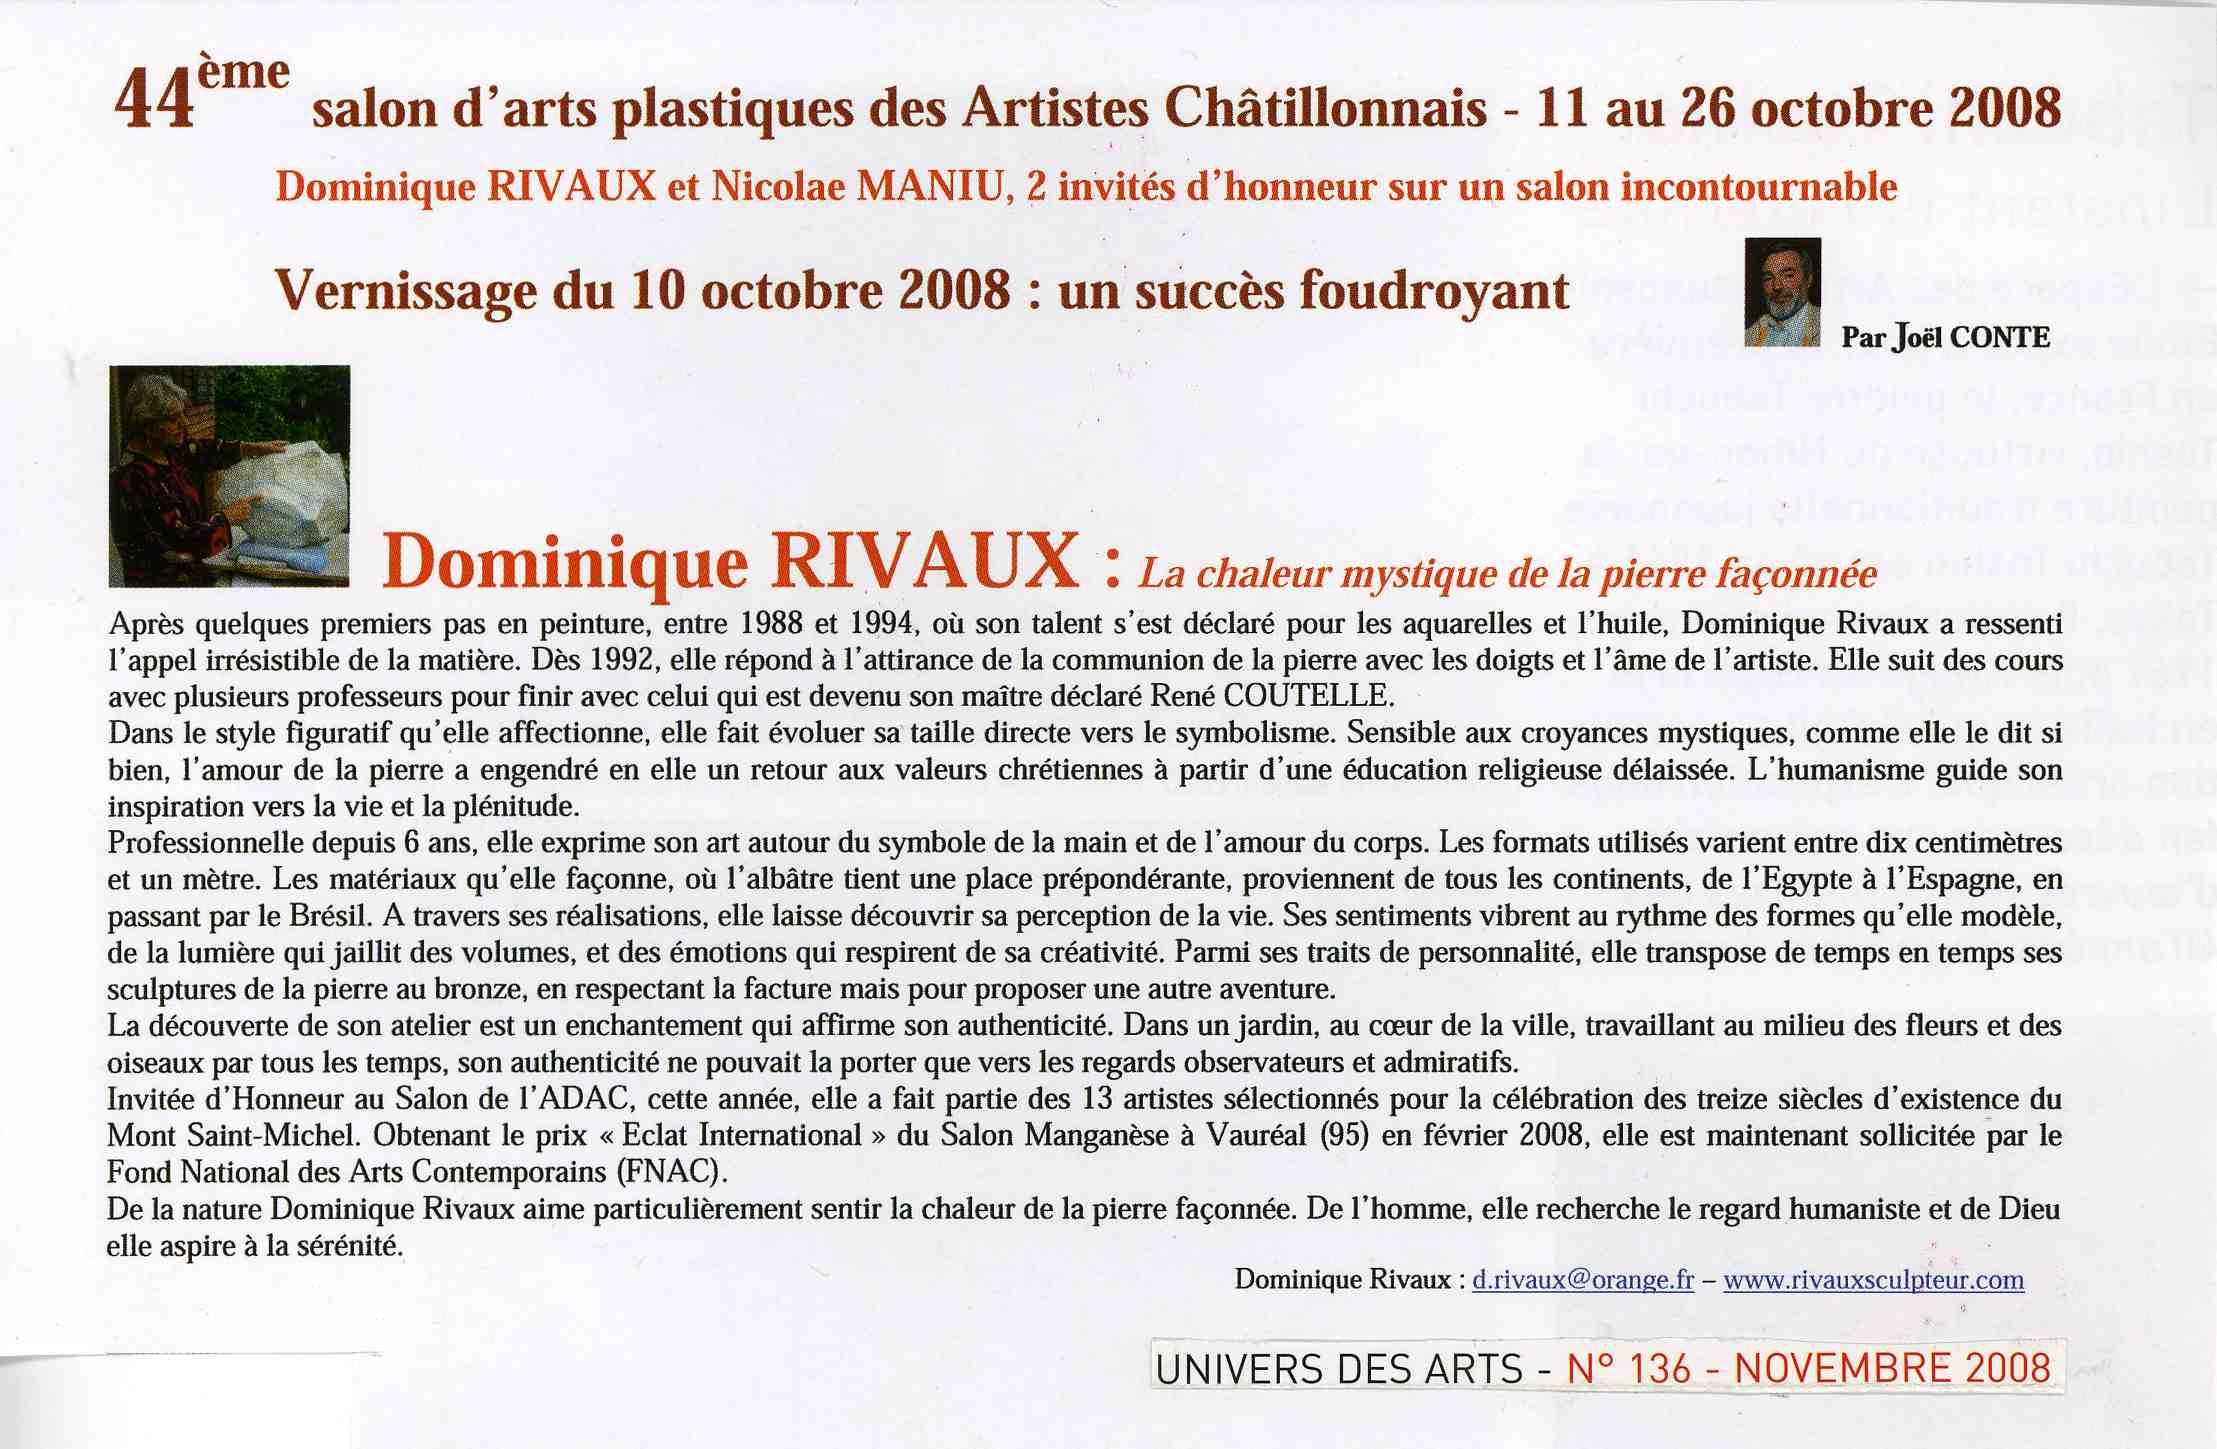 article Univers des Arts - novembre 2008 exposition des Artistes Châtillonnais